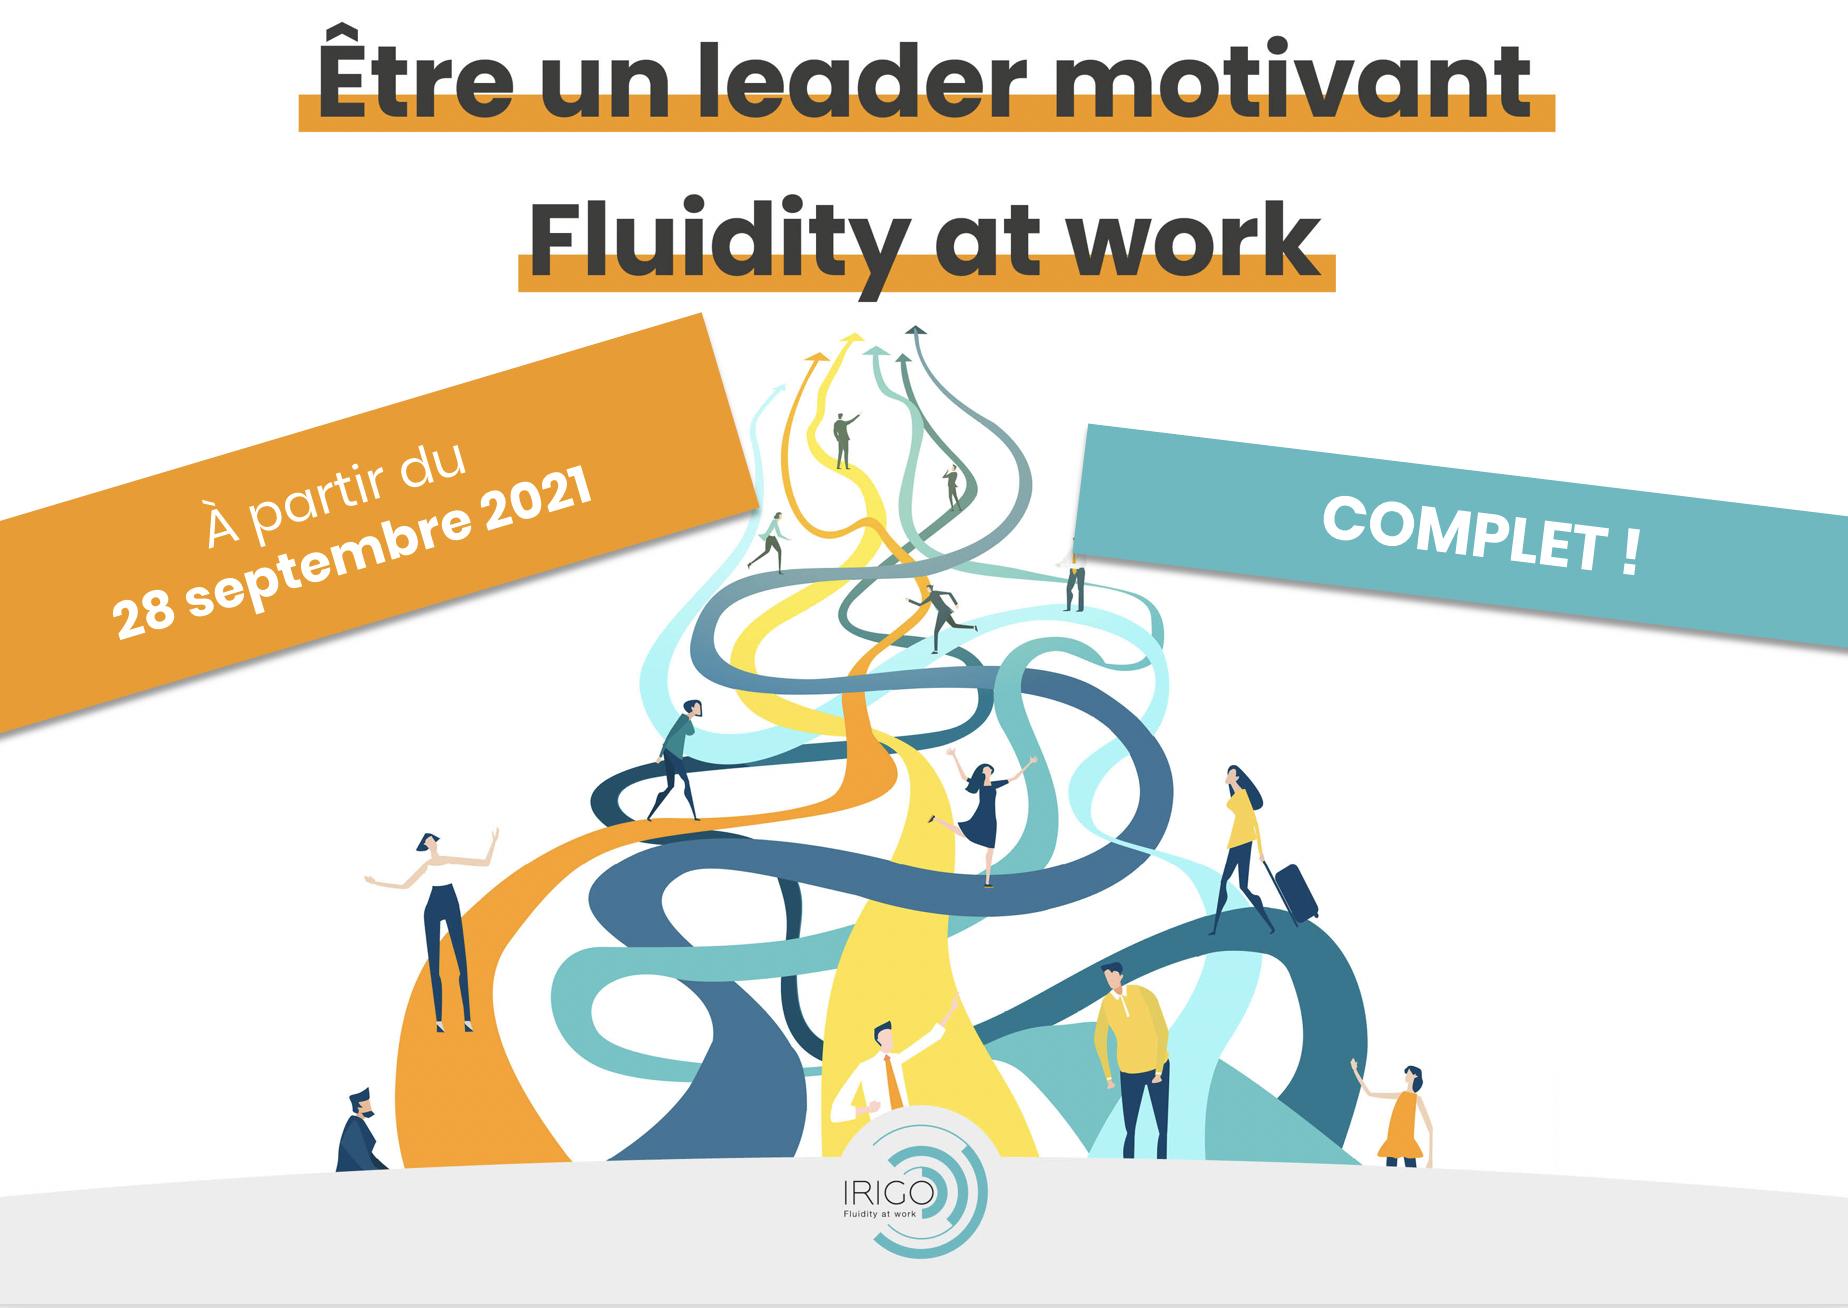 Être un leader motivant, Fluidity at work